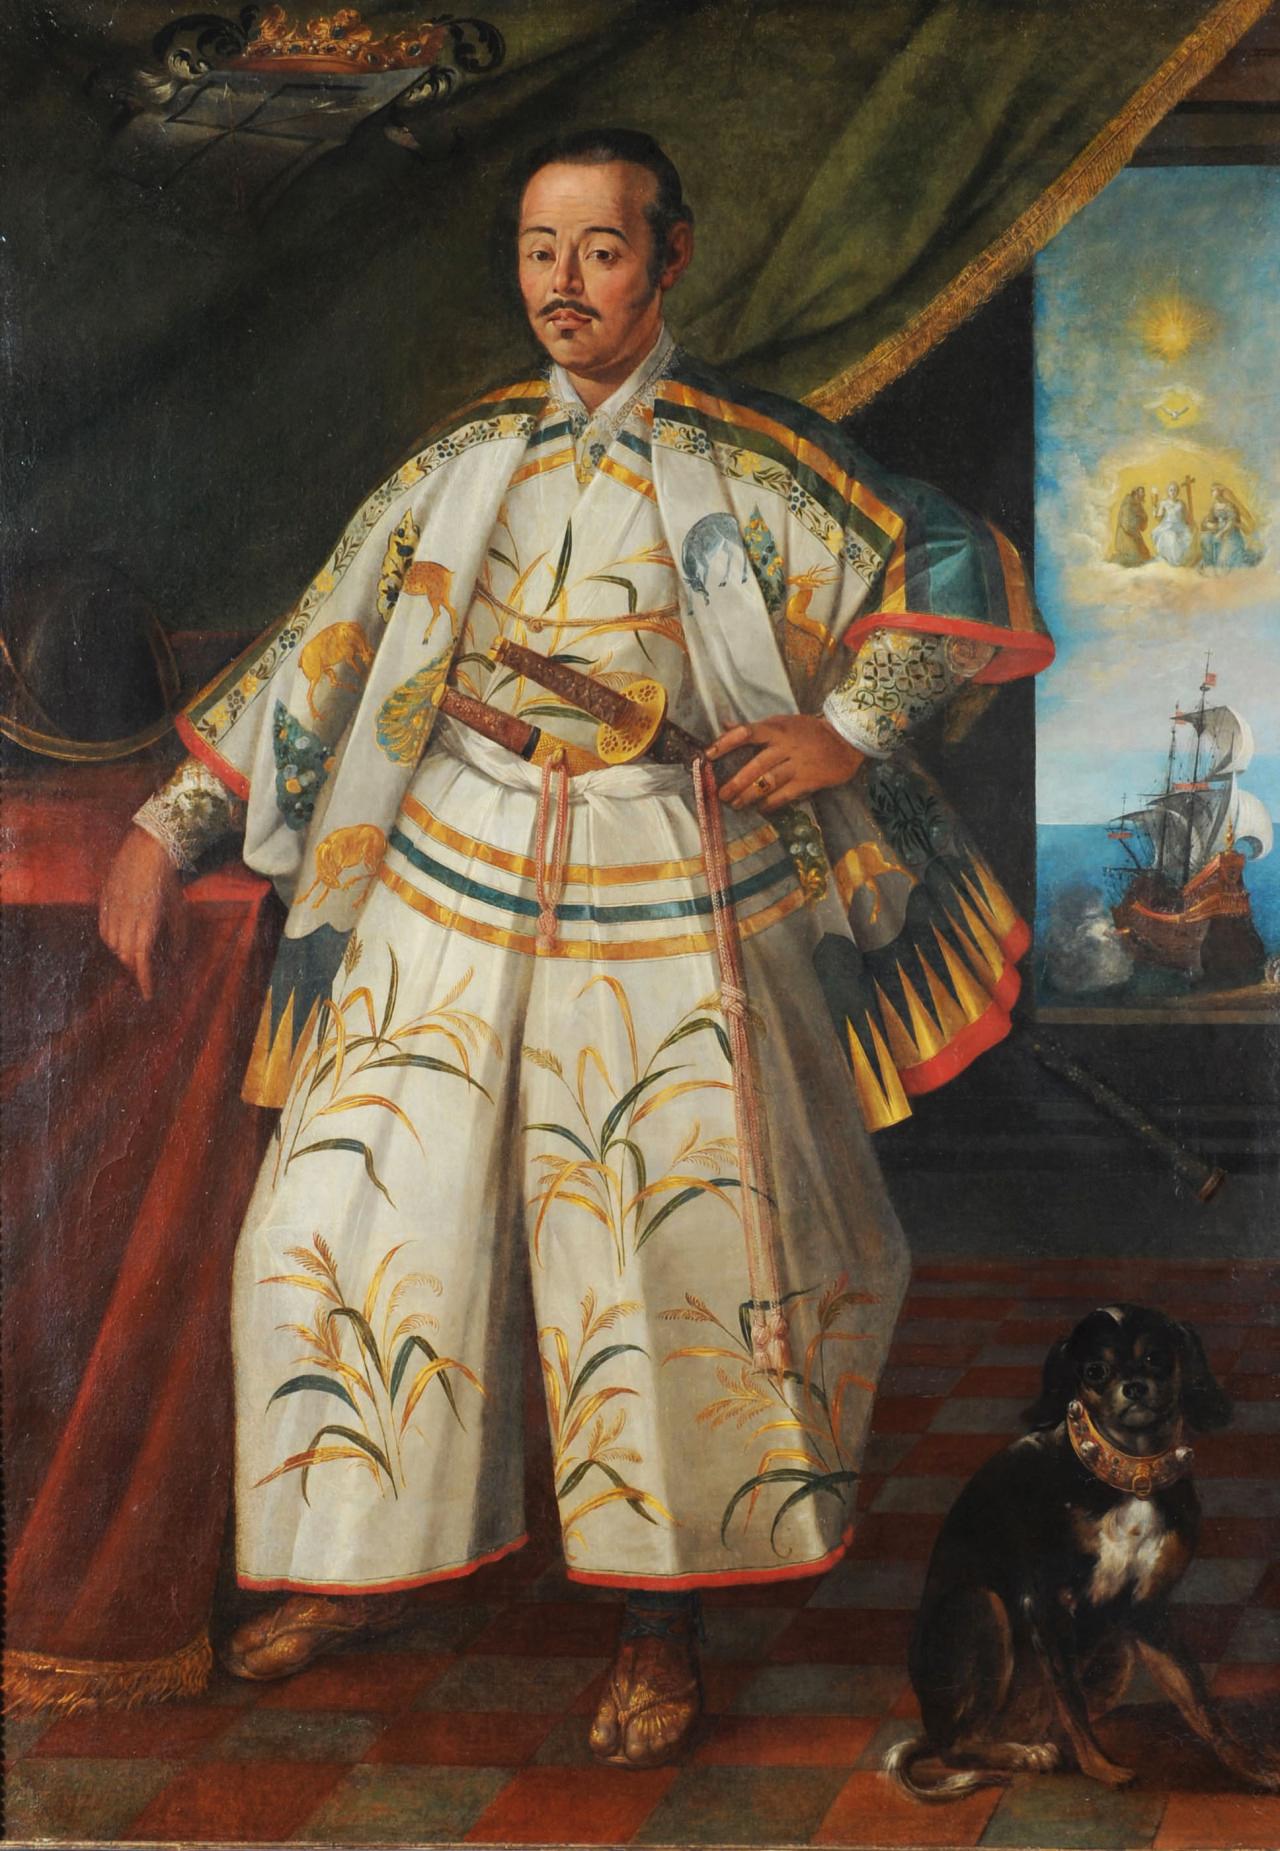 Hasekura Tsunenaga, il diplomatico giapponese e samurai che girò il mondo conosciuto tra il Cinquecento e il Seicento, in un ritratto del 1615 di Claude Deruet, durante un soggiorno a Roma.